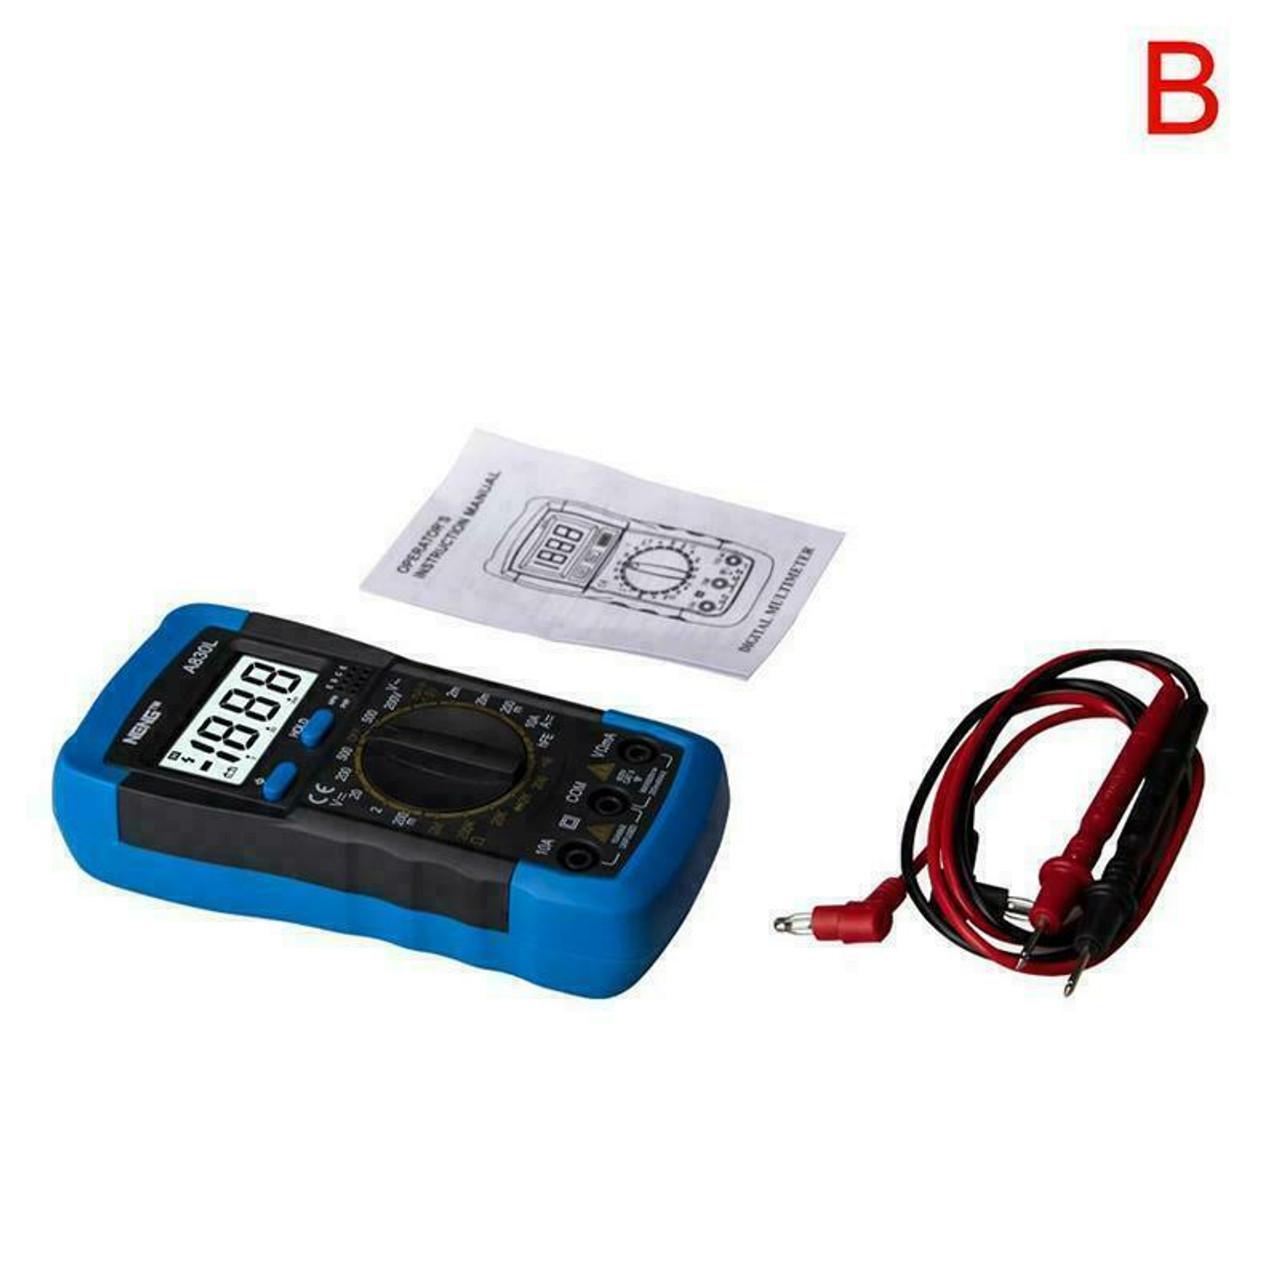 Digital Multimeter AC DC Voltmeter Ammeter Ohmmeter Volt Tester Meter XL830L USA